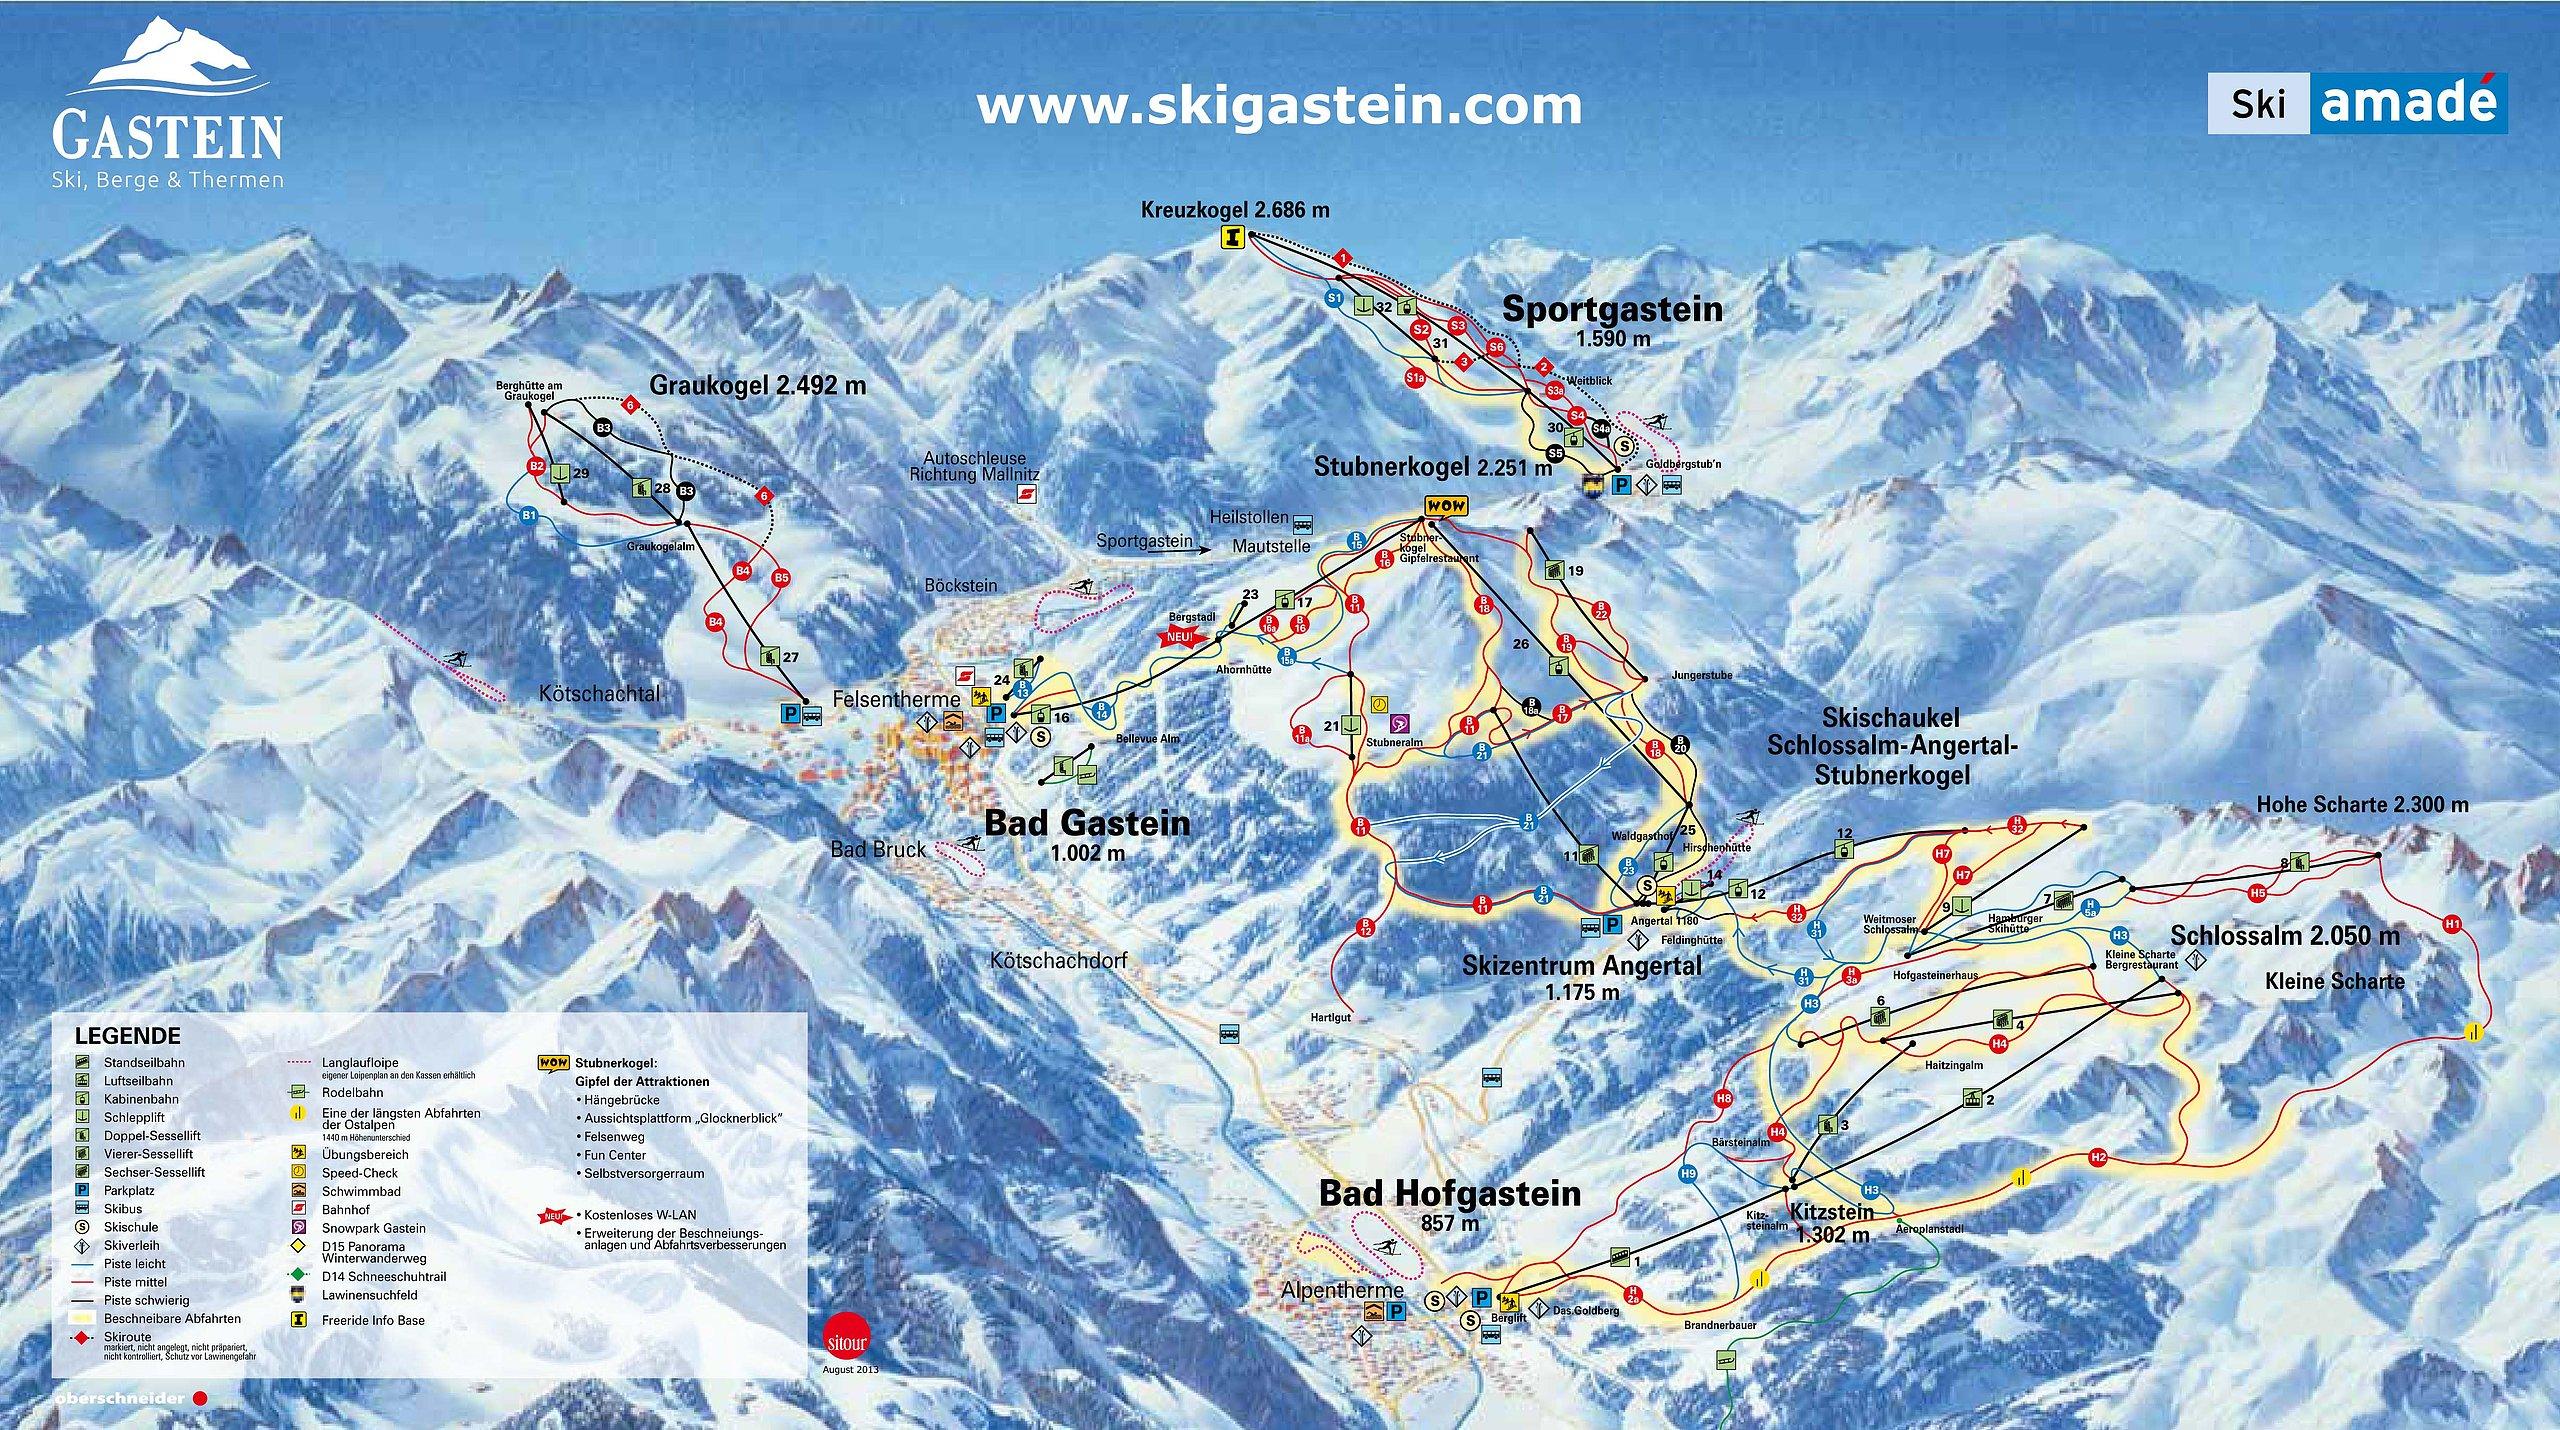 Skigebied Bad Gastein - Schoolkampen